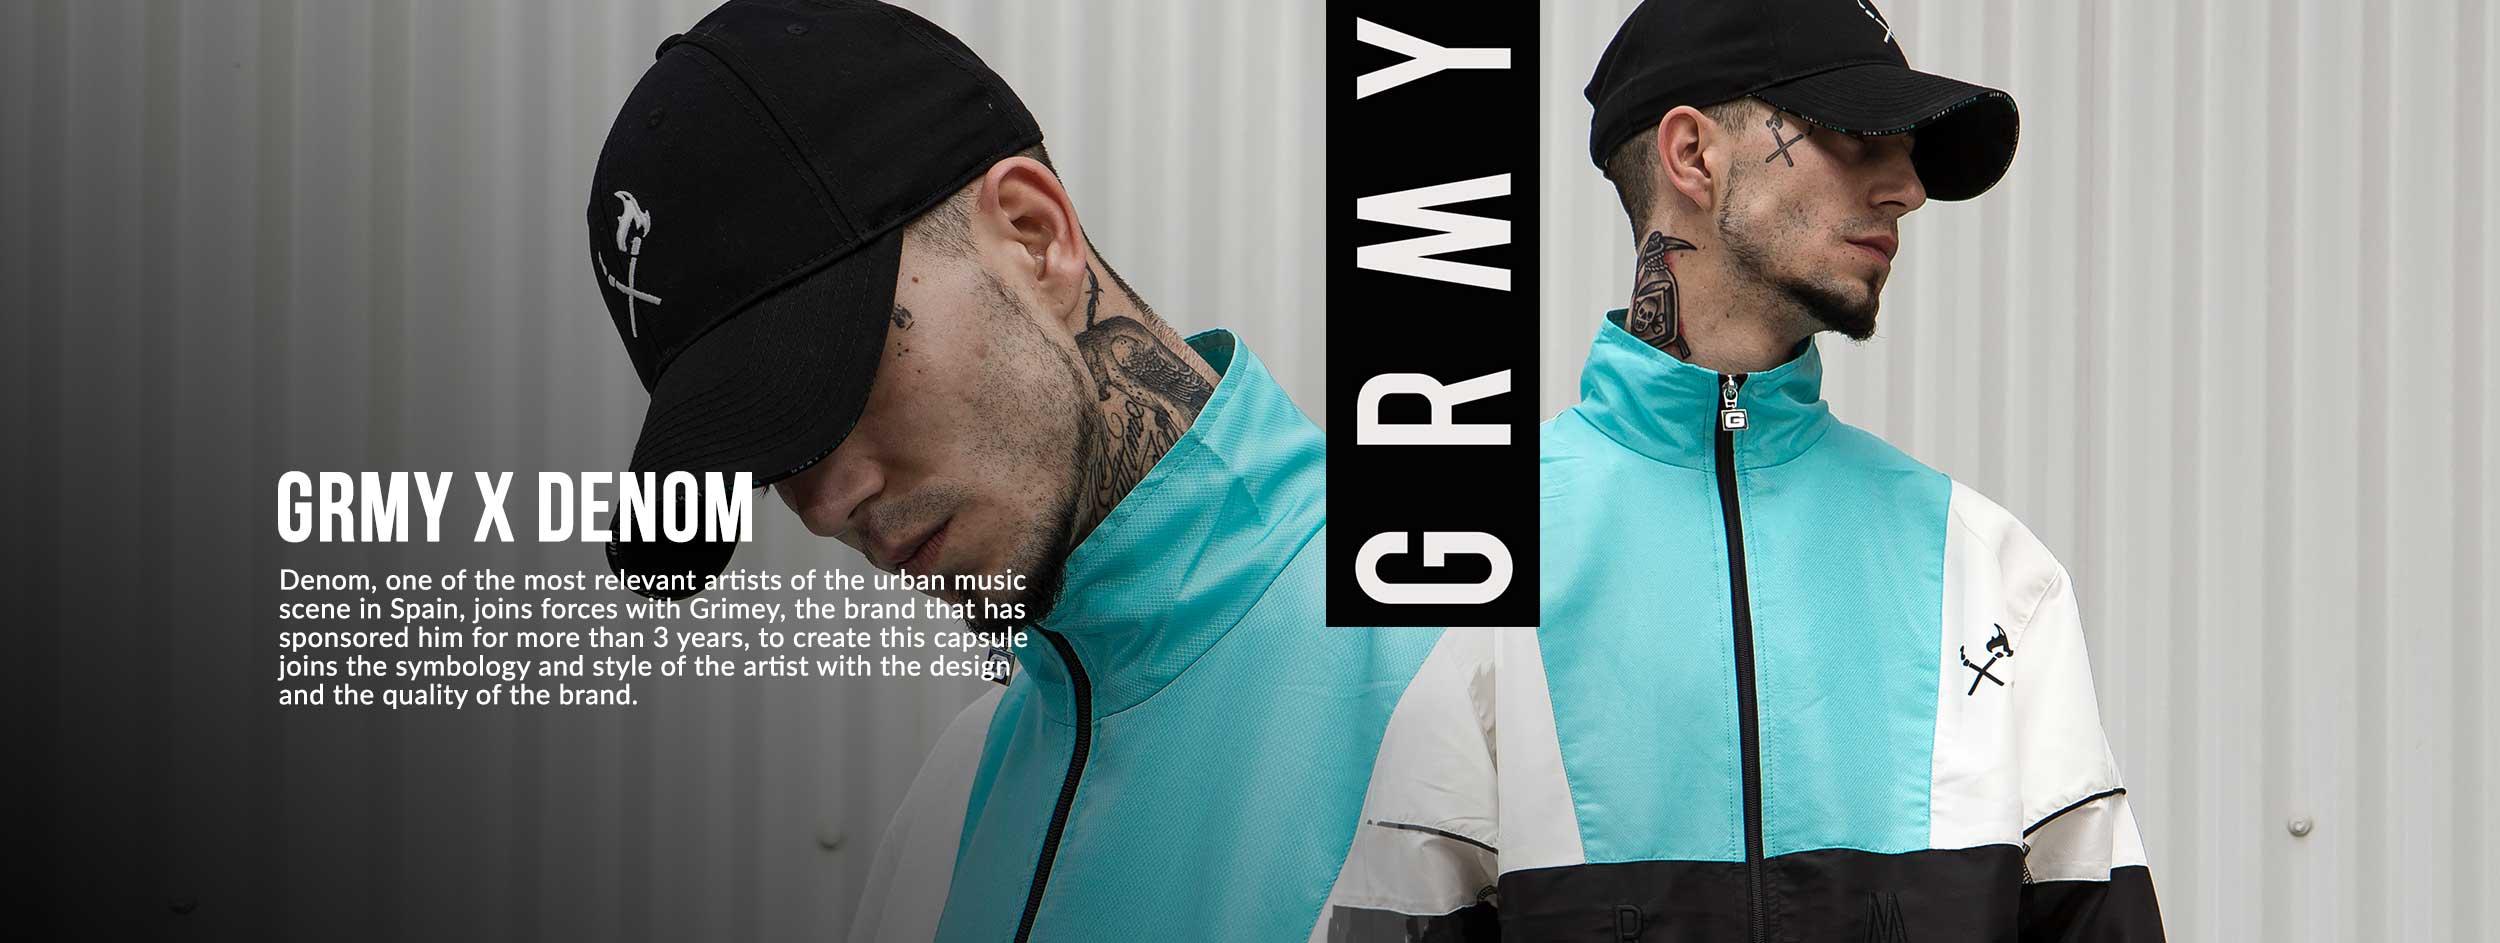 GRMY X DENOM